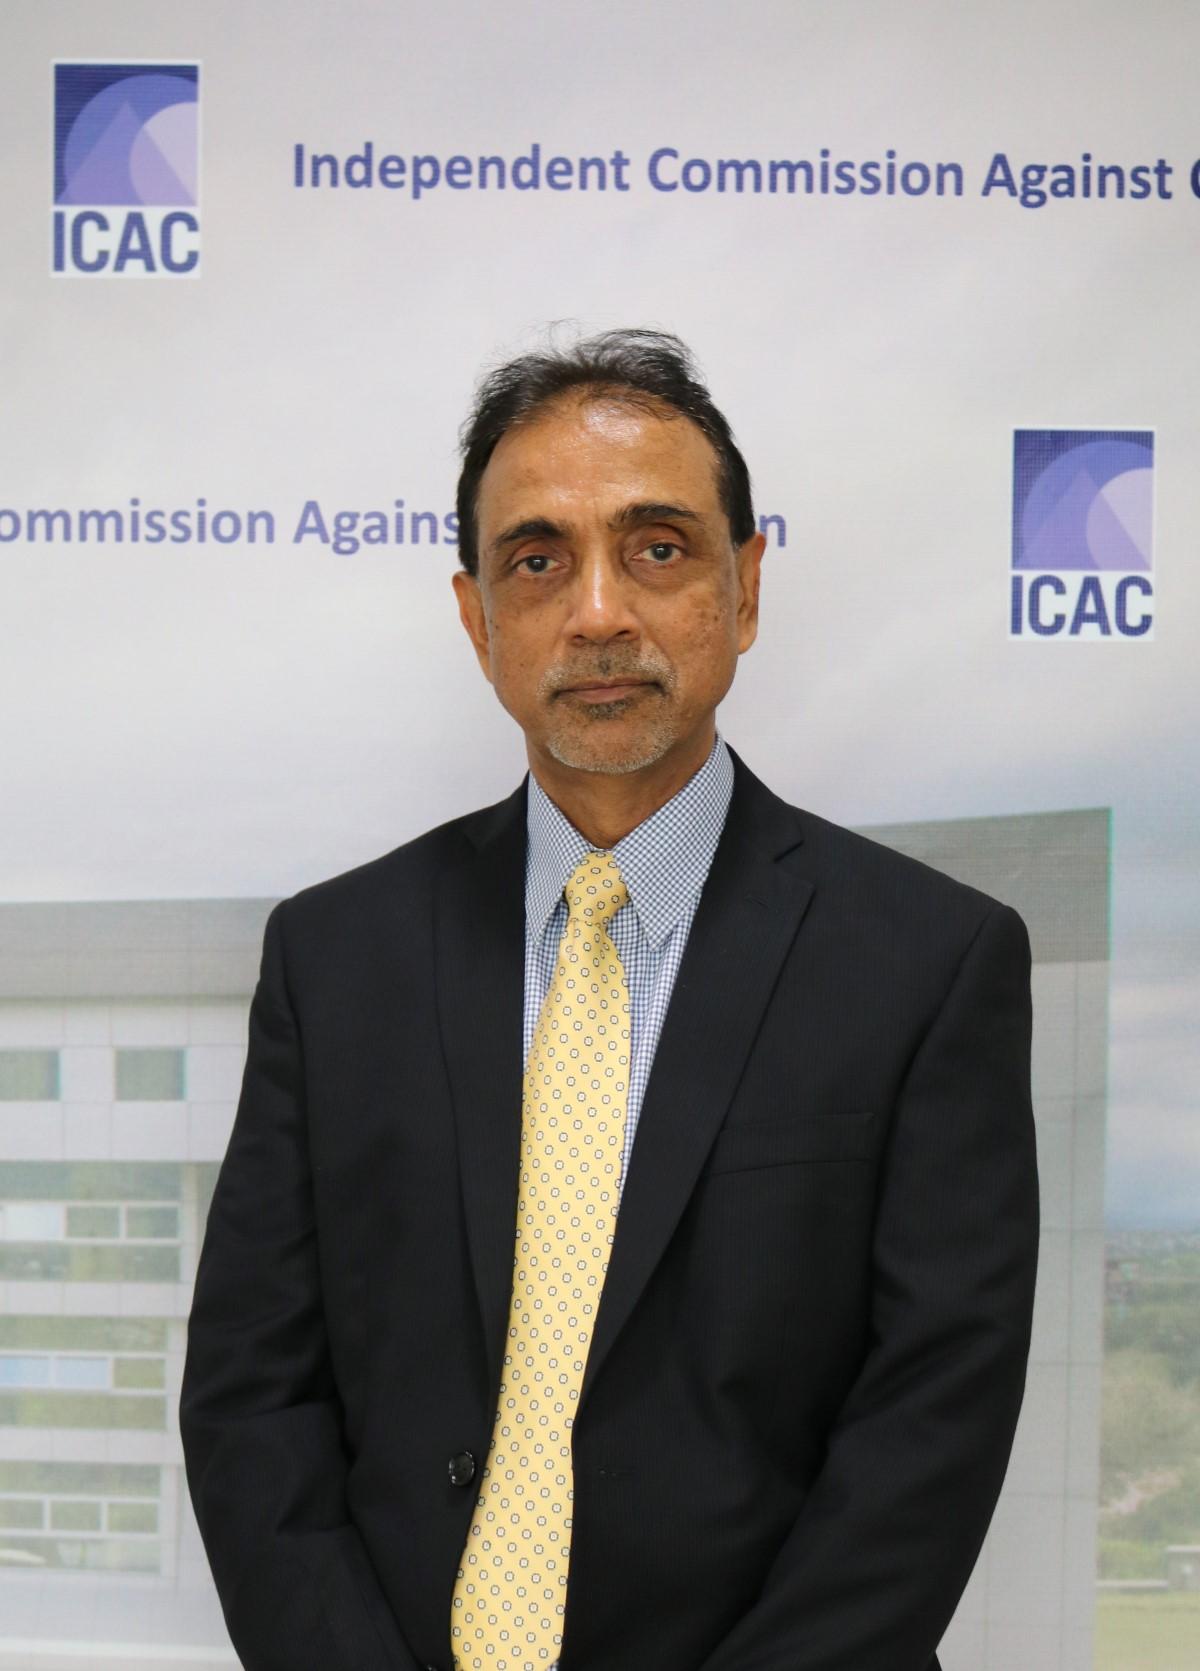 Directeur général de la Commission anticorruption : Pourquoi Navin Beekarry divise-t-il autant ?